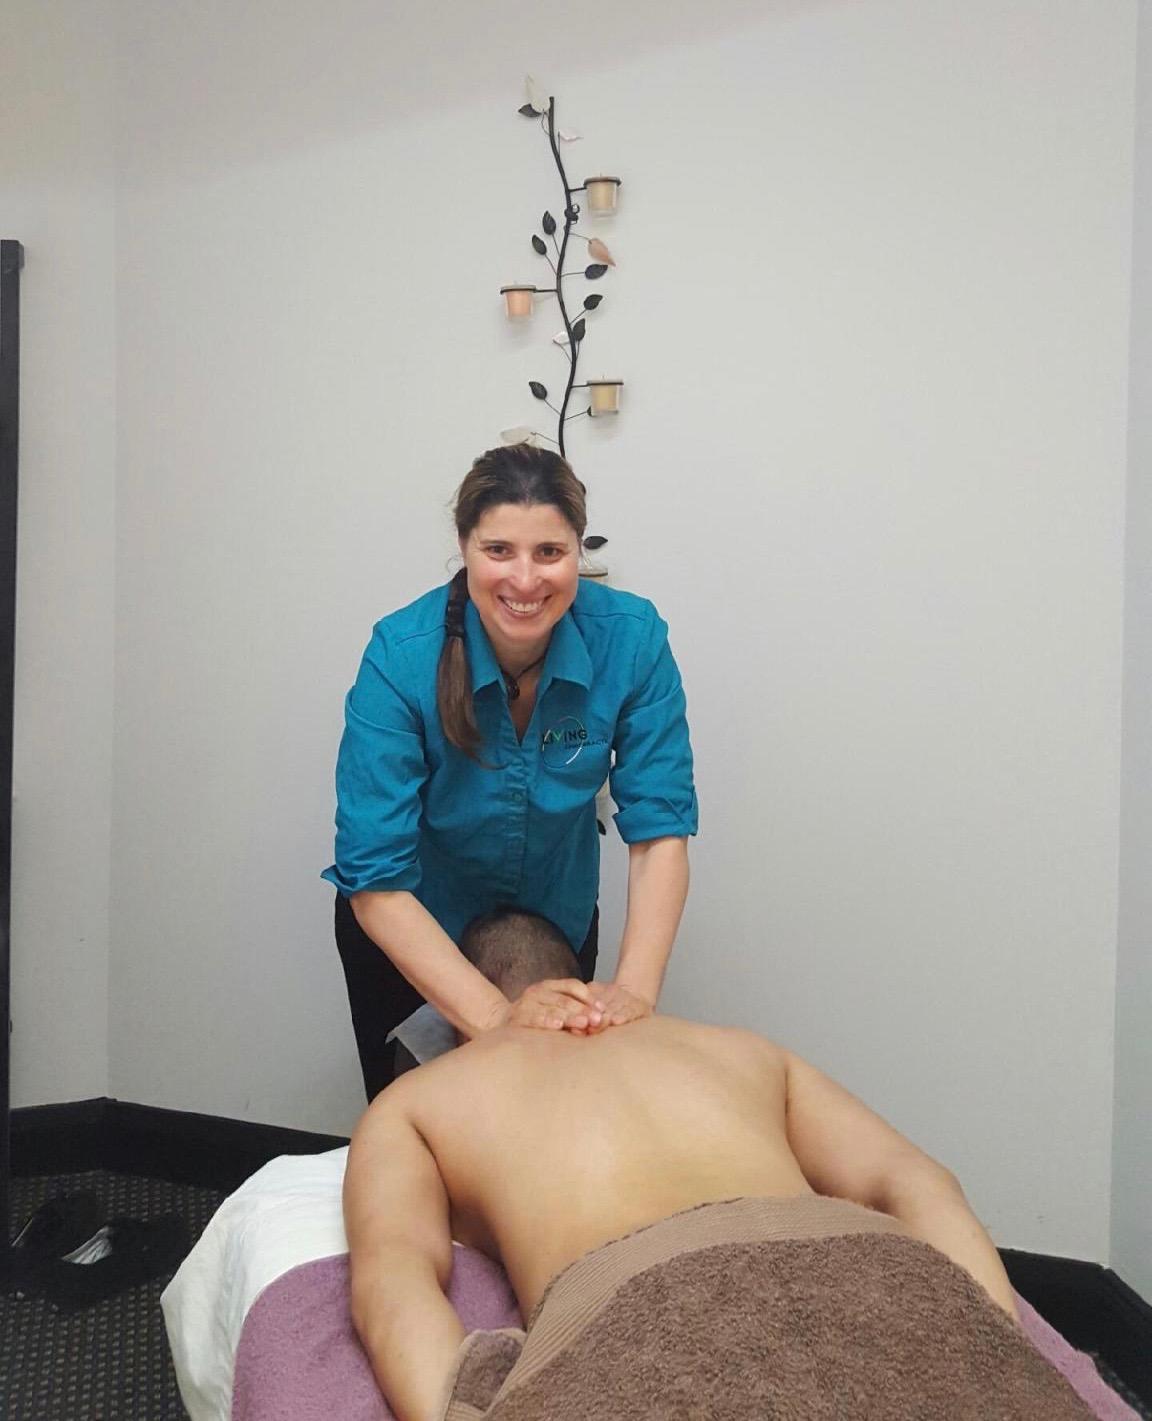 %chiropractor-sydney %pregnancy-chiropractor